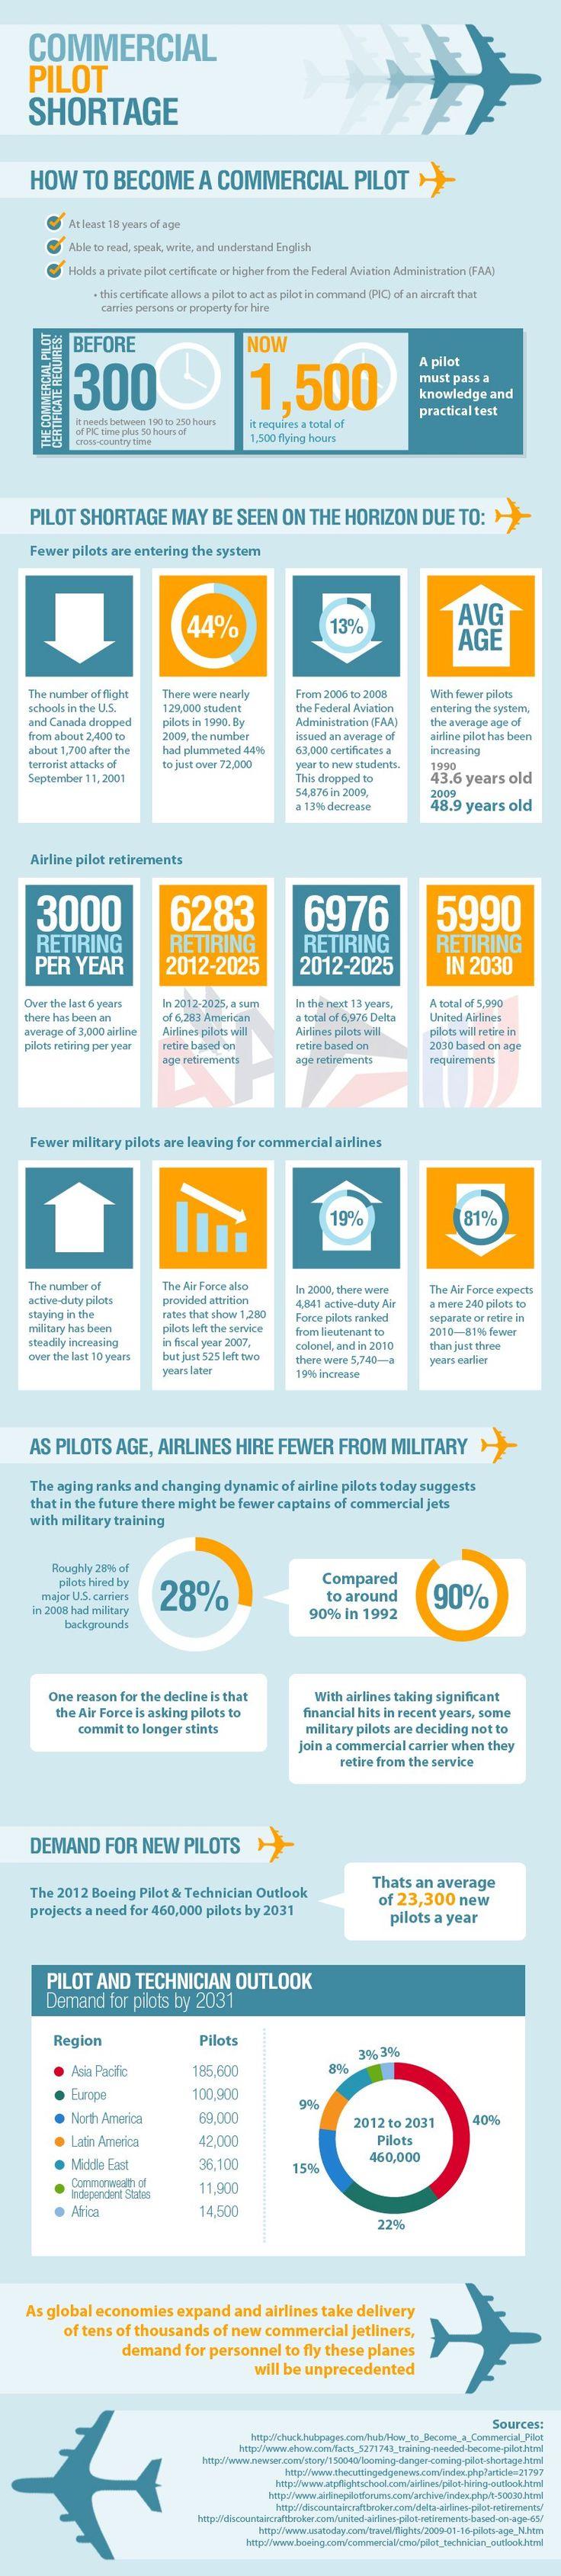 Comercial pilot shortage #infographic